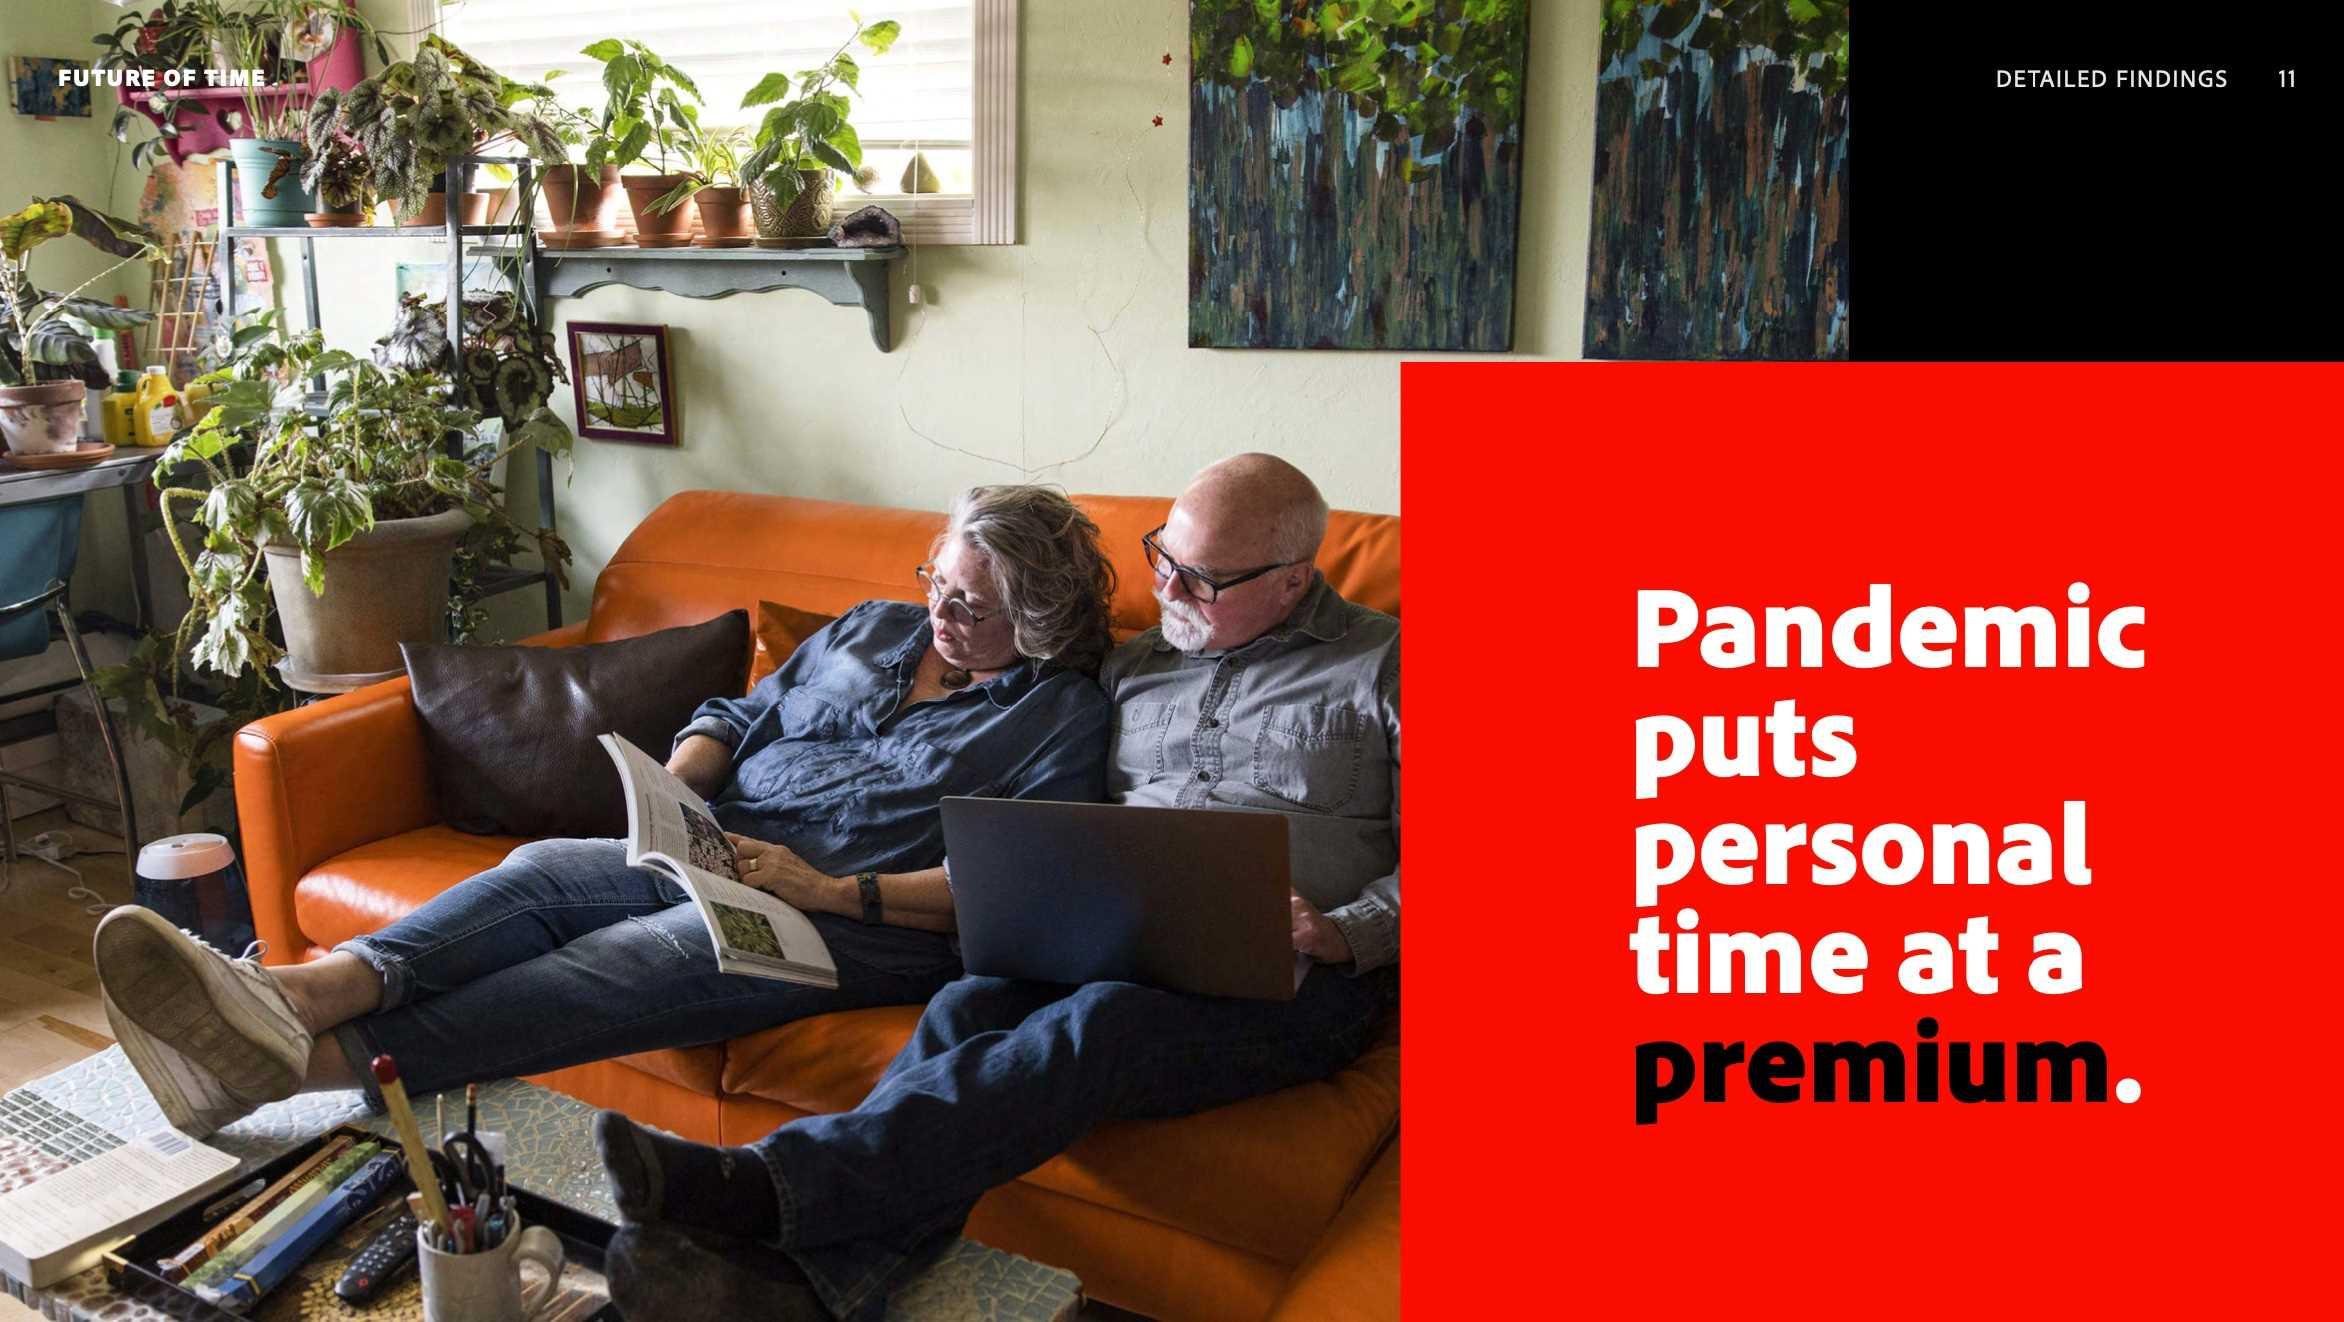 อะโดบีเผยผลการศึกษาเกี่ยวกับผลกระทบของการแพร่ระบาดที่มีต่อ เวลาทำงาน และชีวิตส่วนตัว